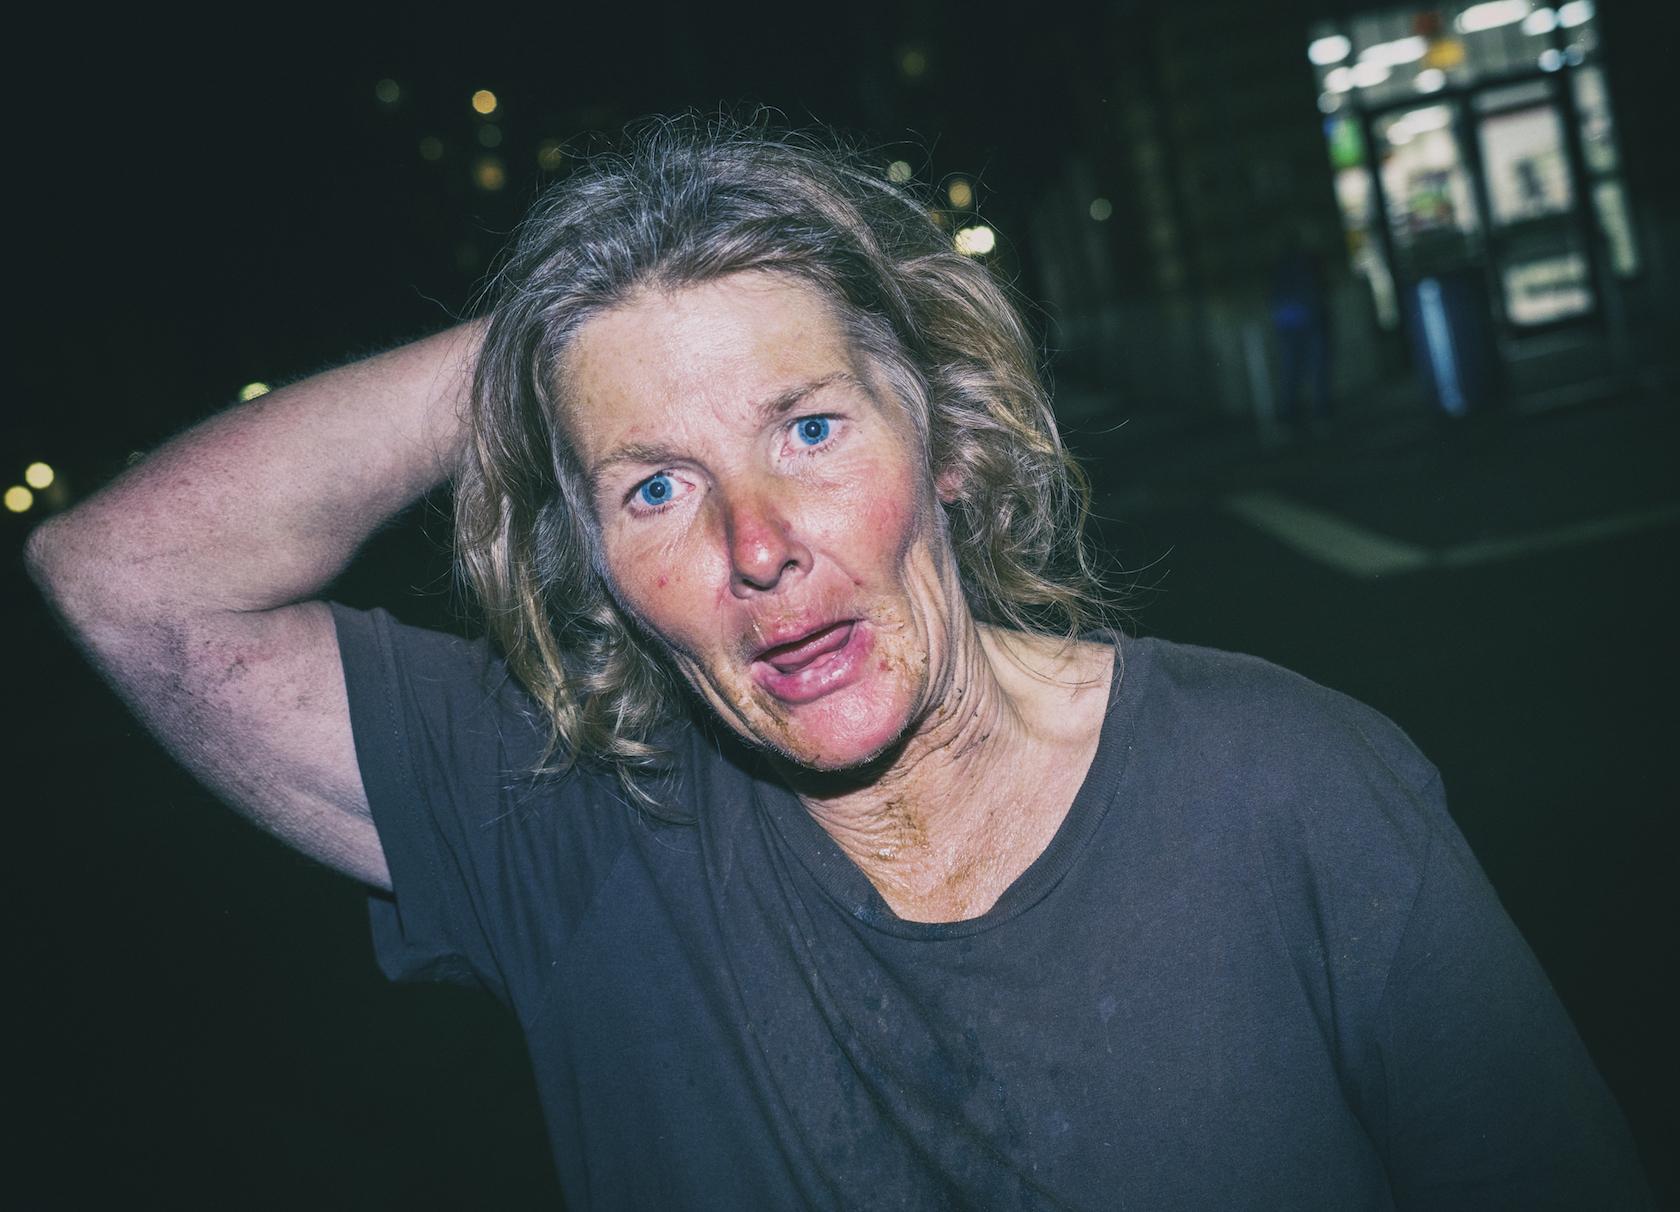 Greta, 51